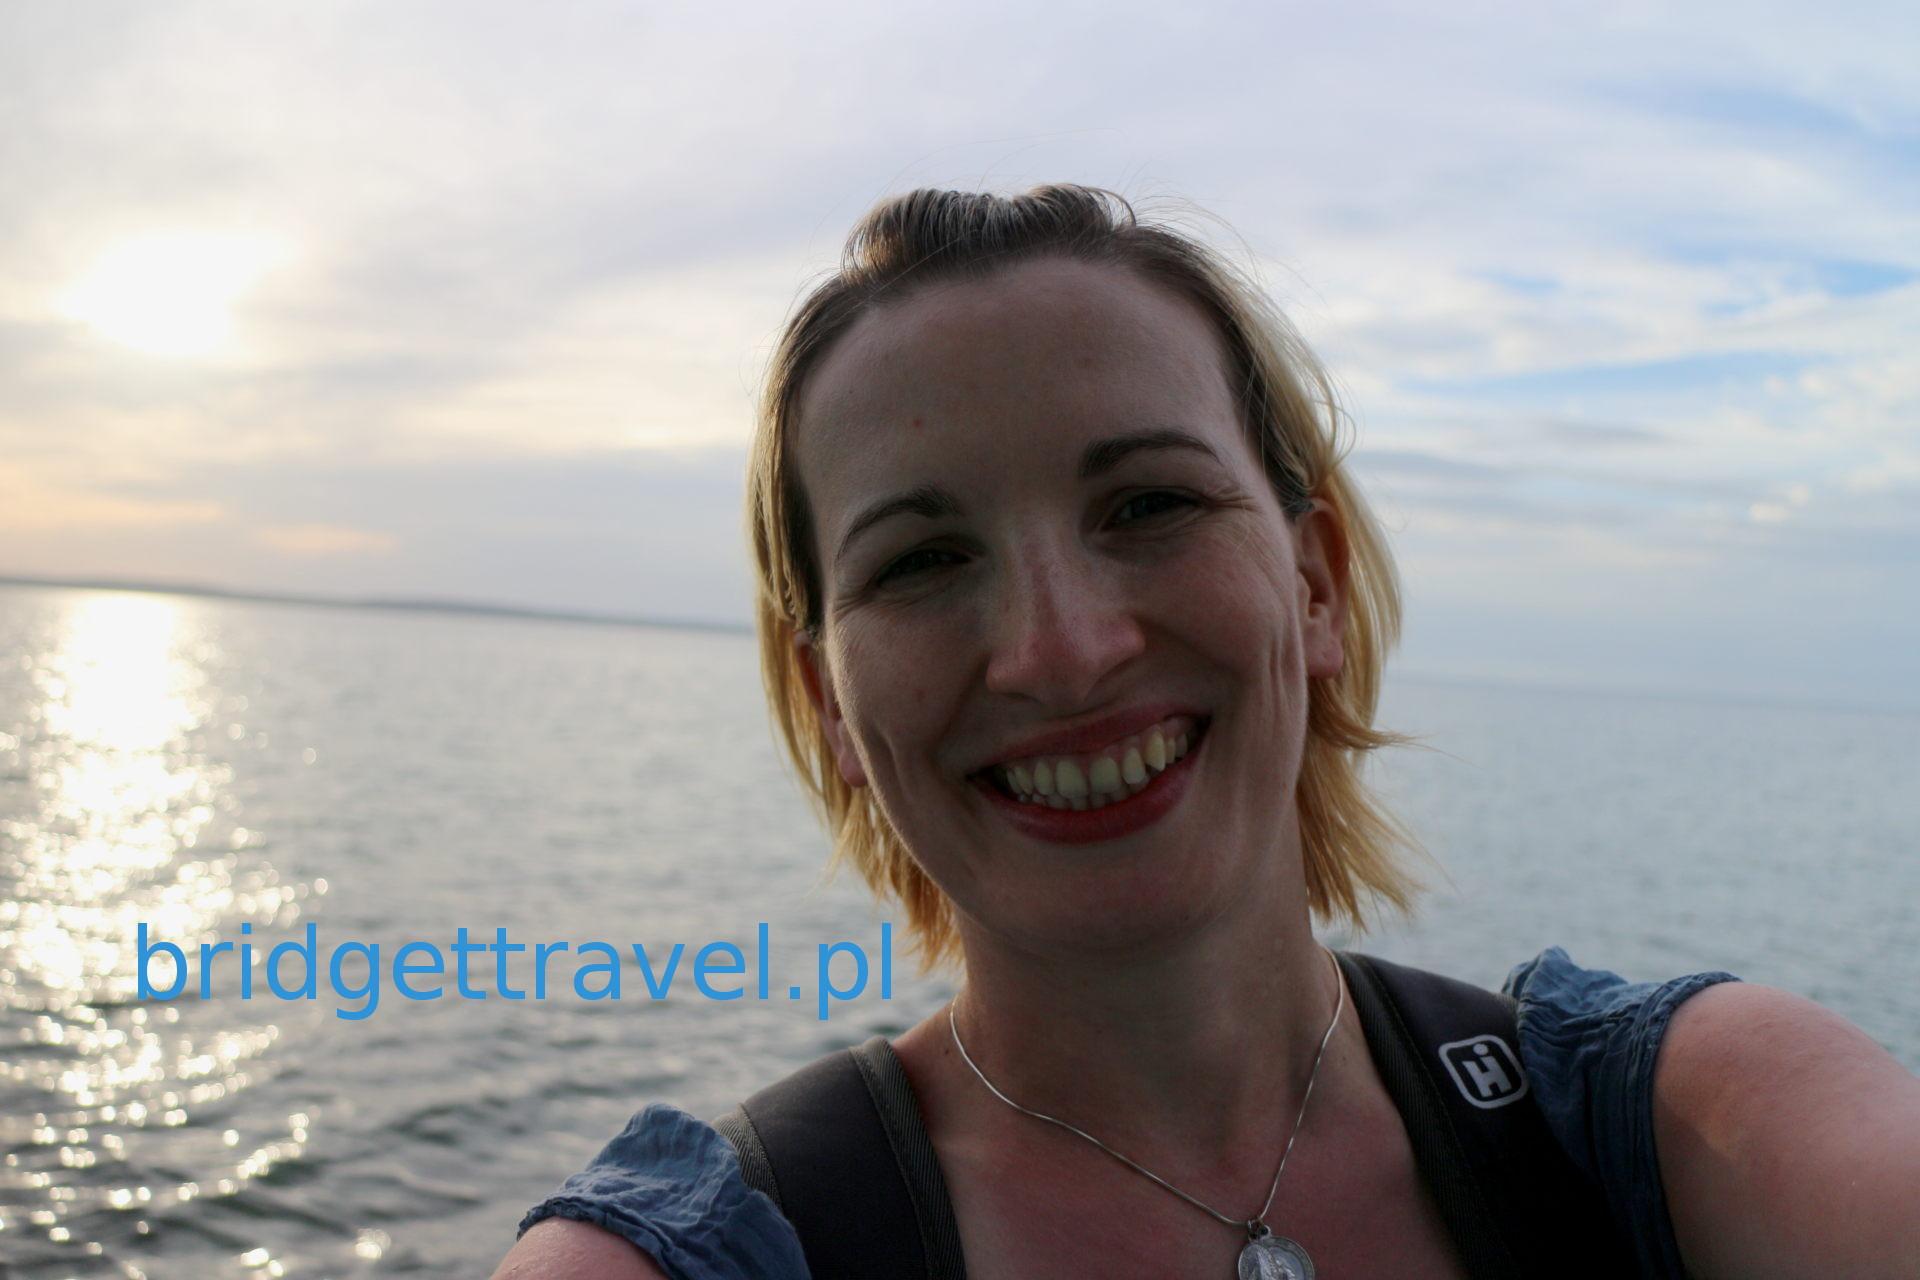 Spalona słońcem, grymas uśmiechu, Cienfuegos, Kuba